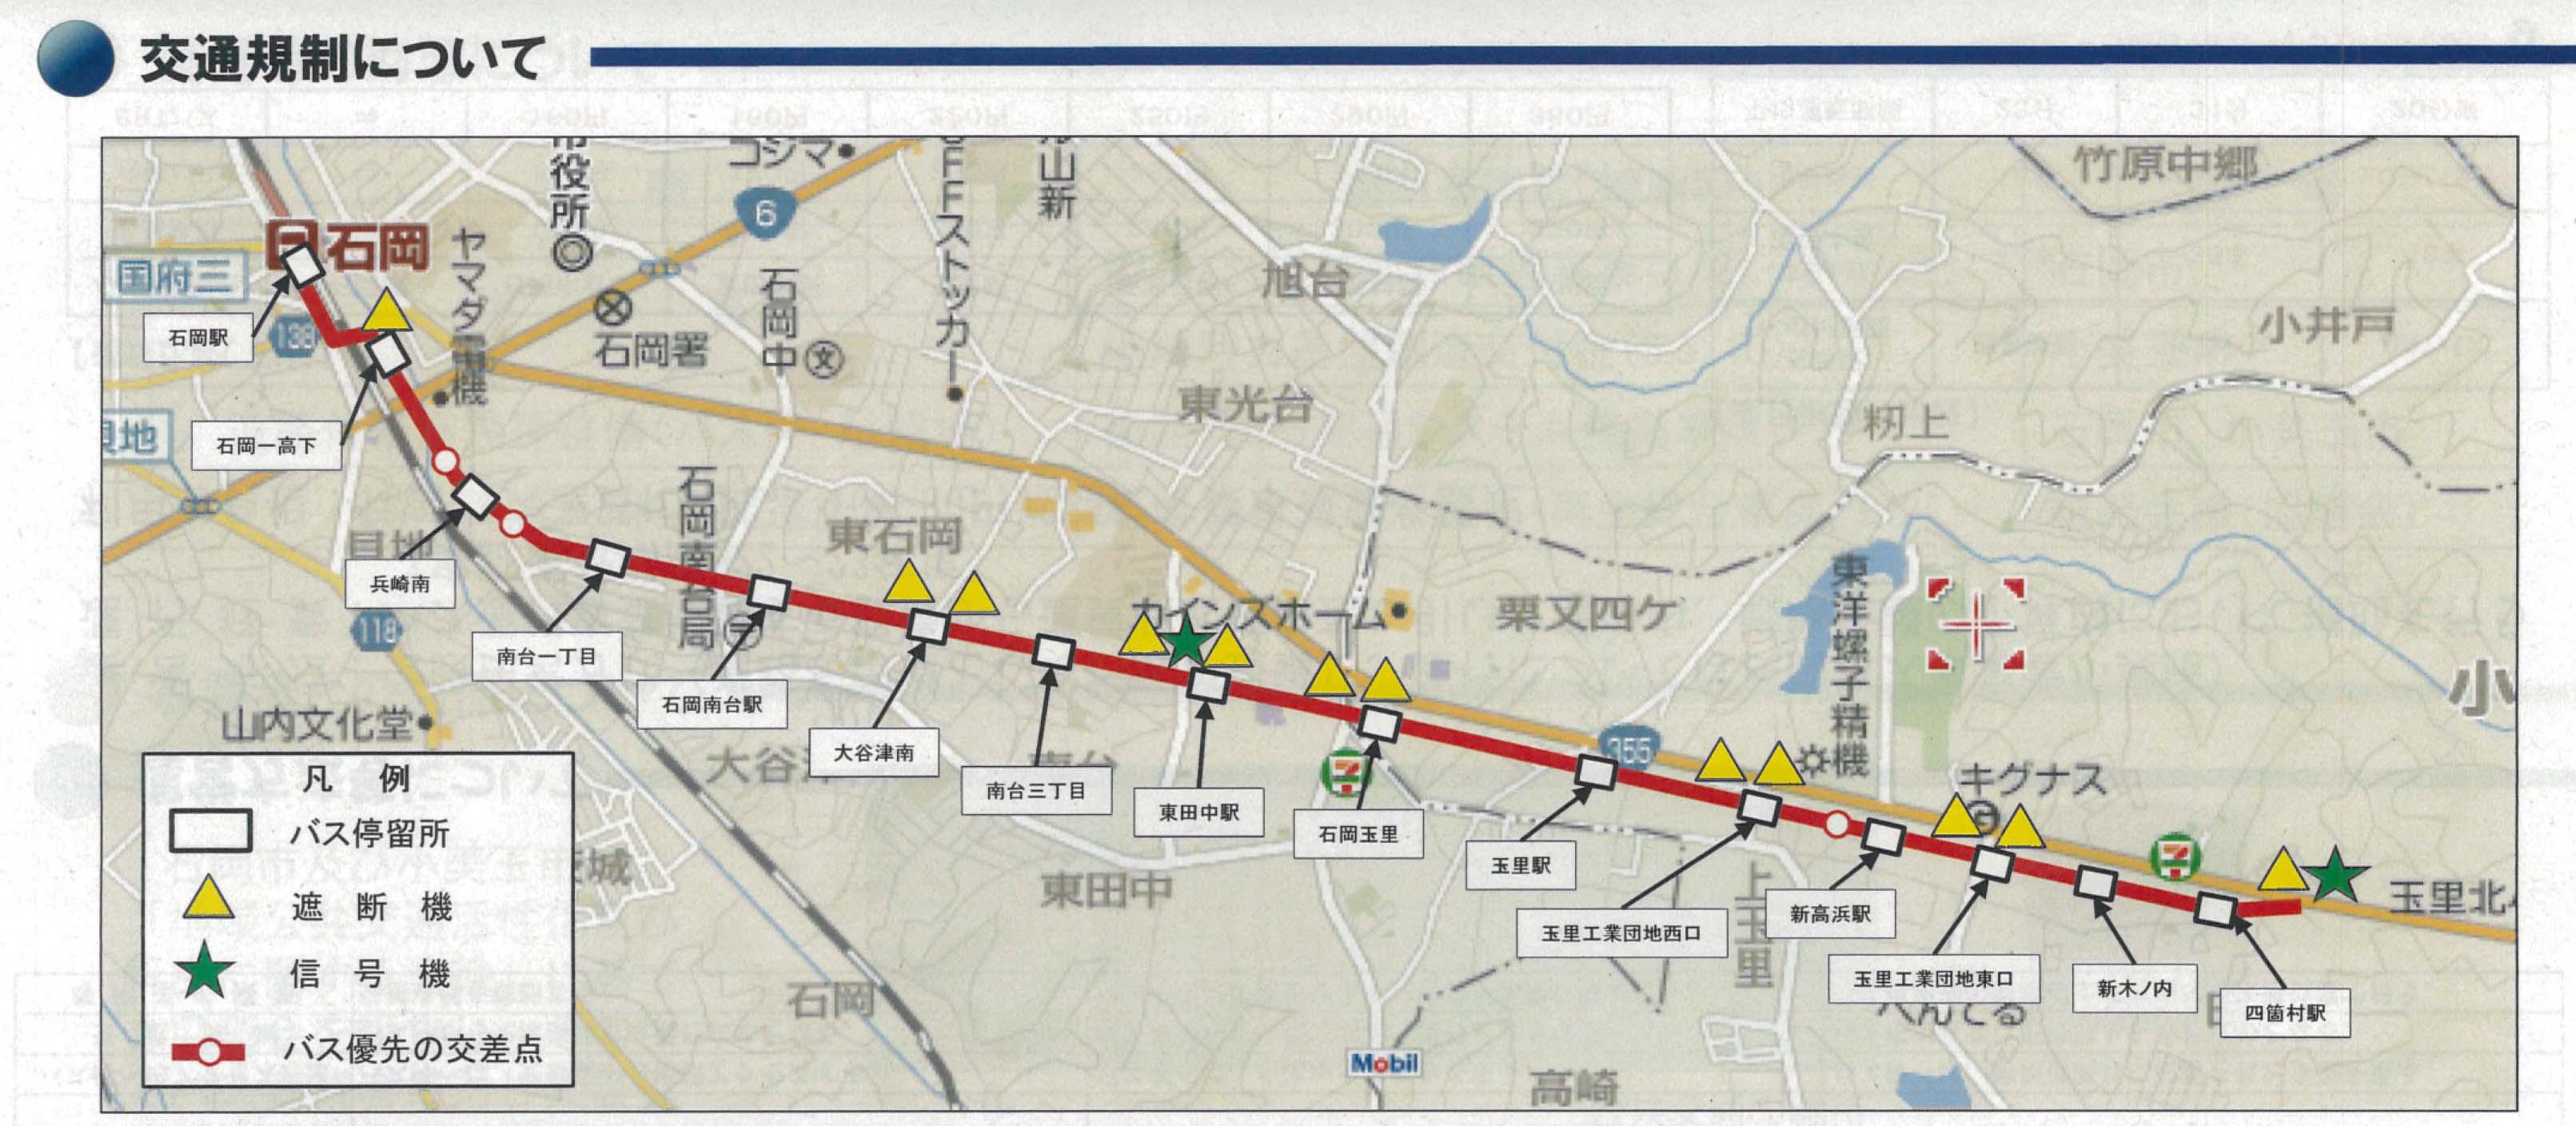 日本初のBRT「かしてつバス」(茨城県石岡市)の視察 その1_f0141310_6334073.jpg